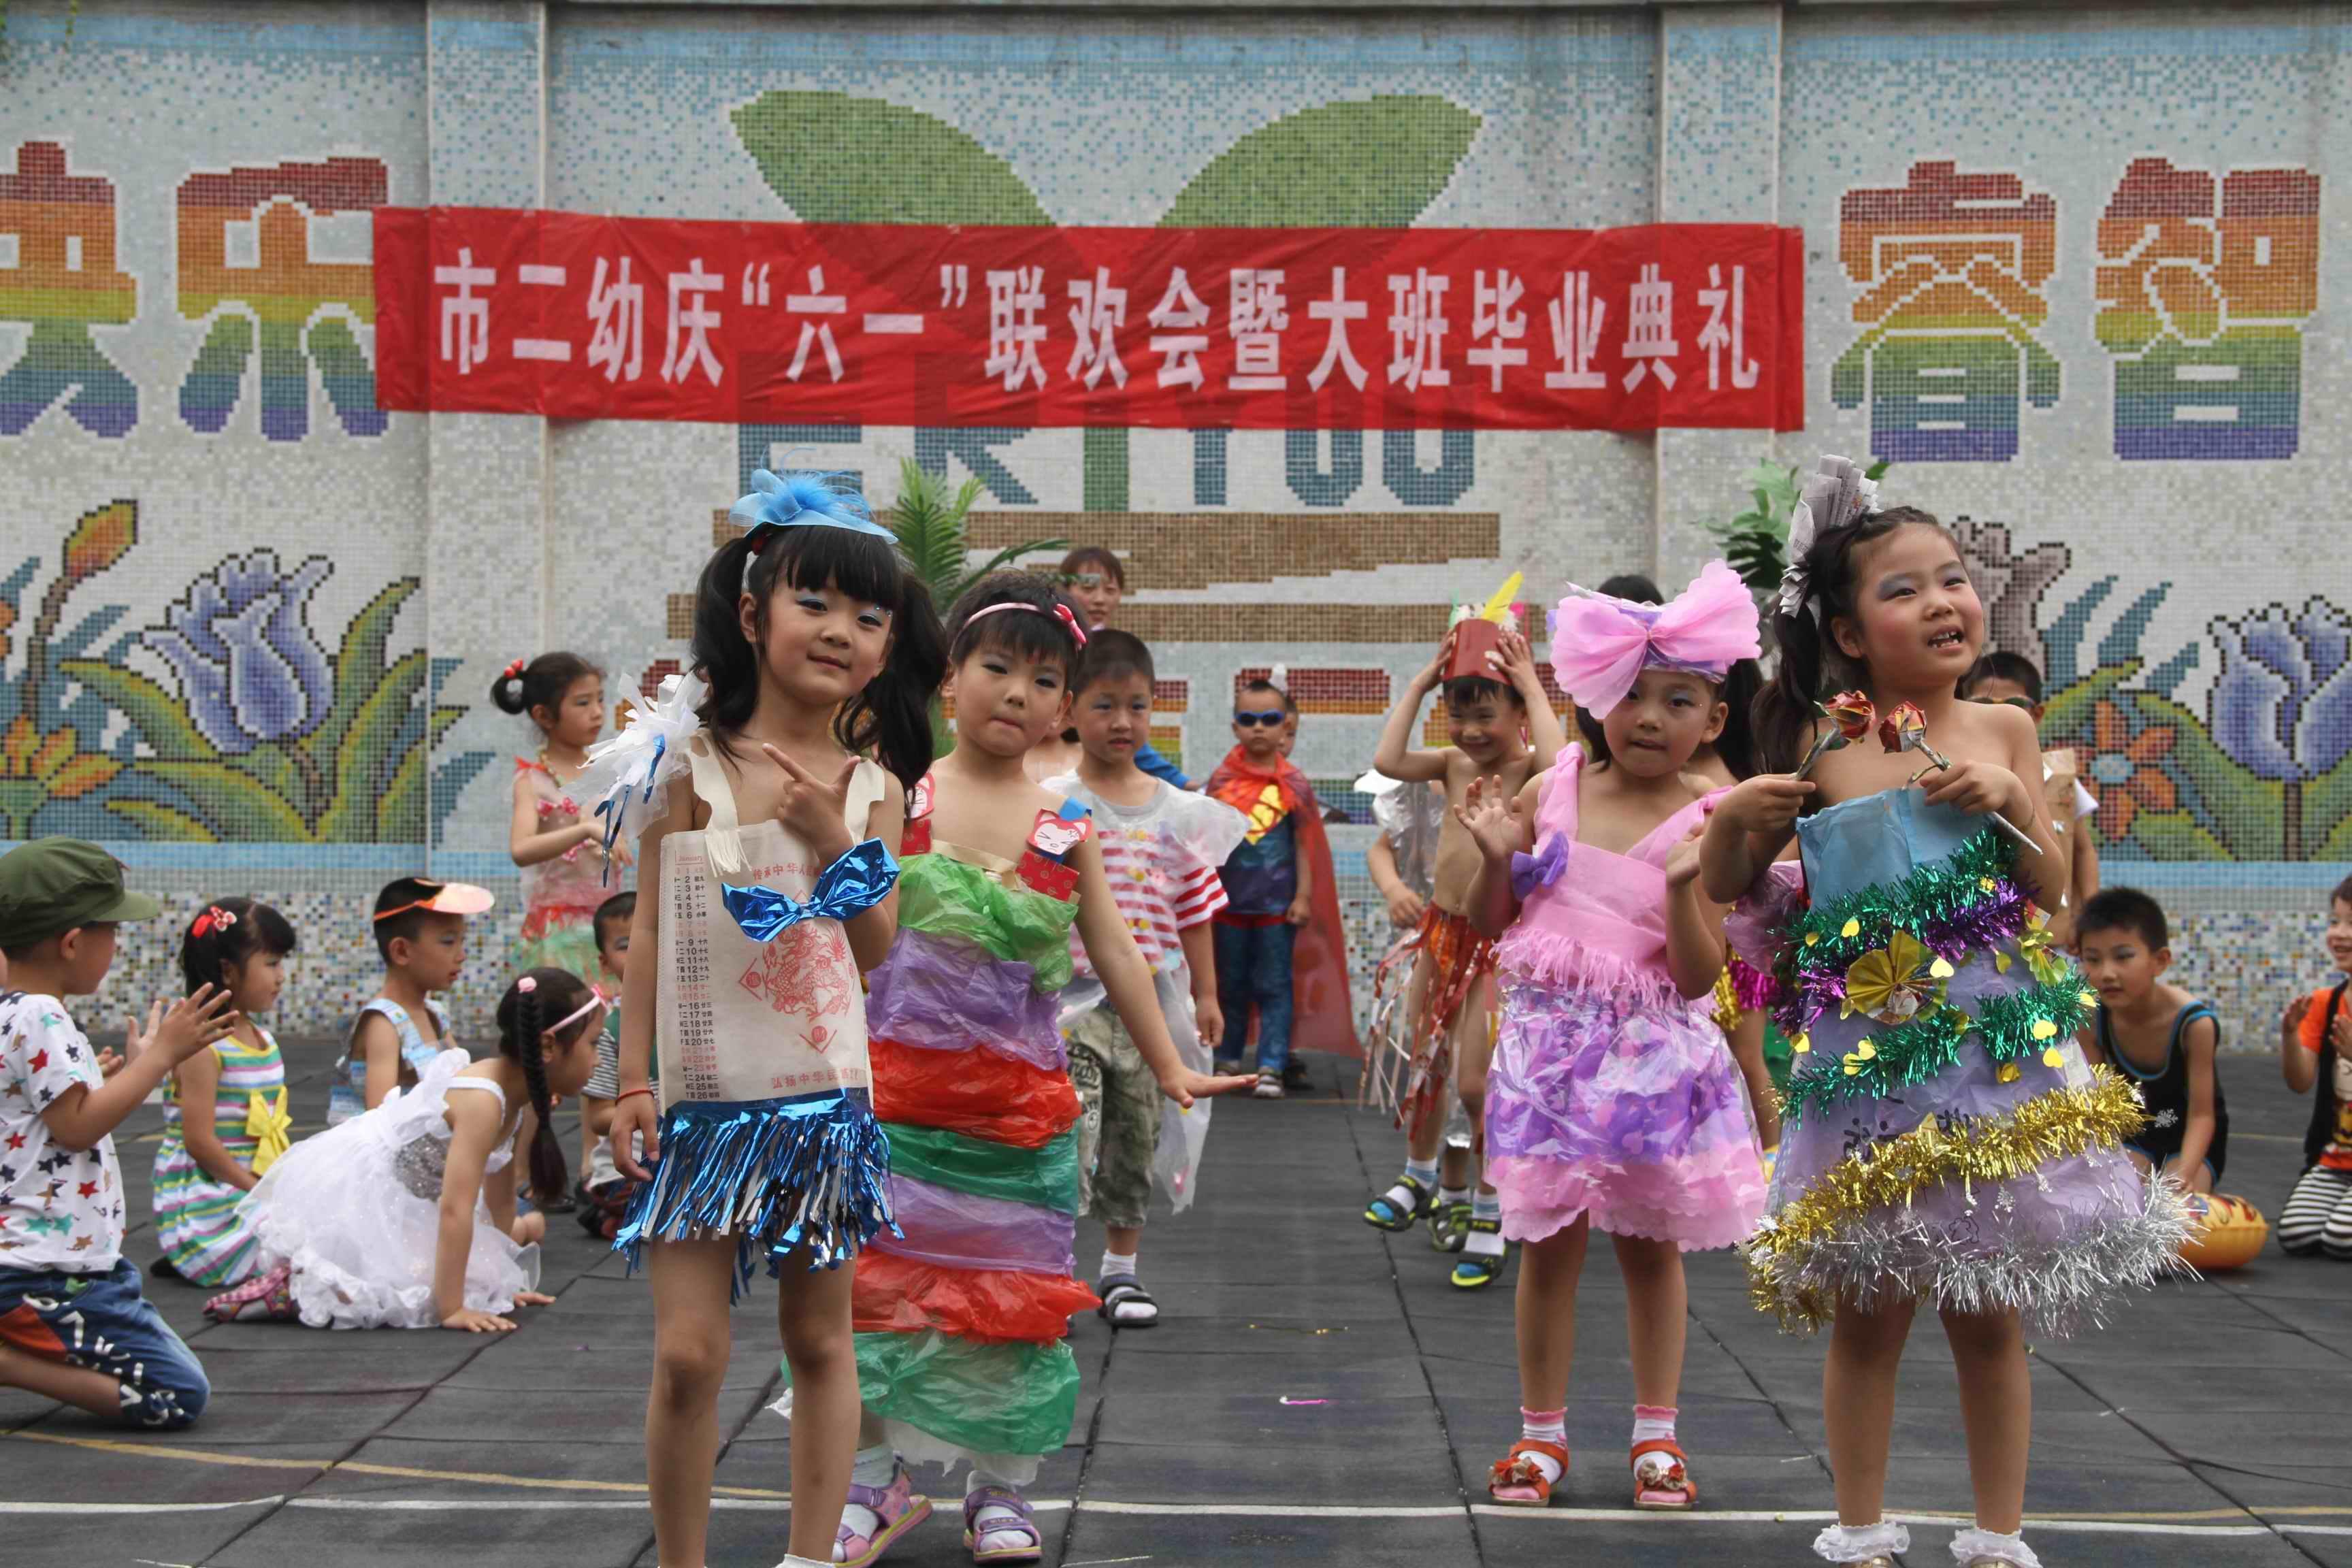 环保服装秀制作图解 环保衣服装秀 儿童